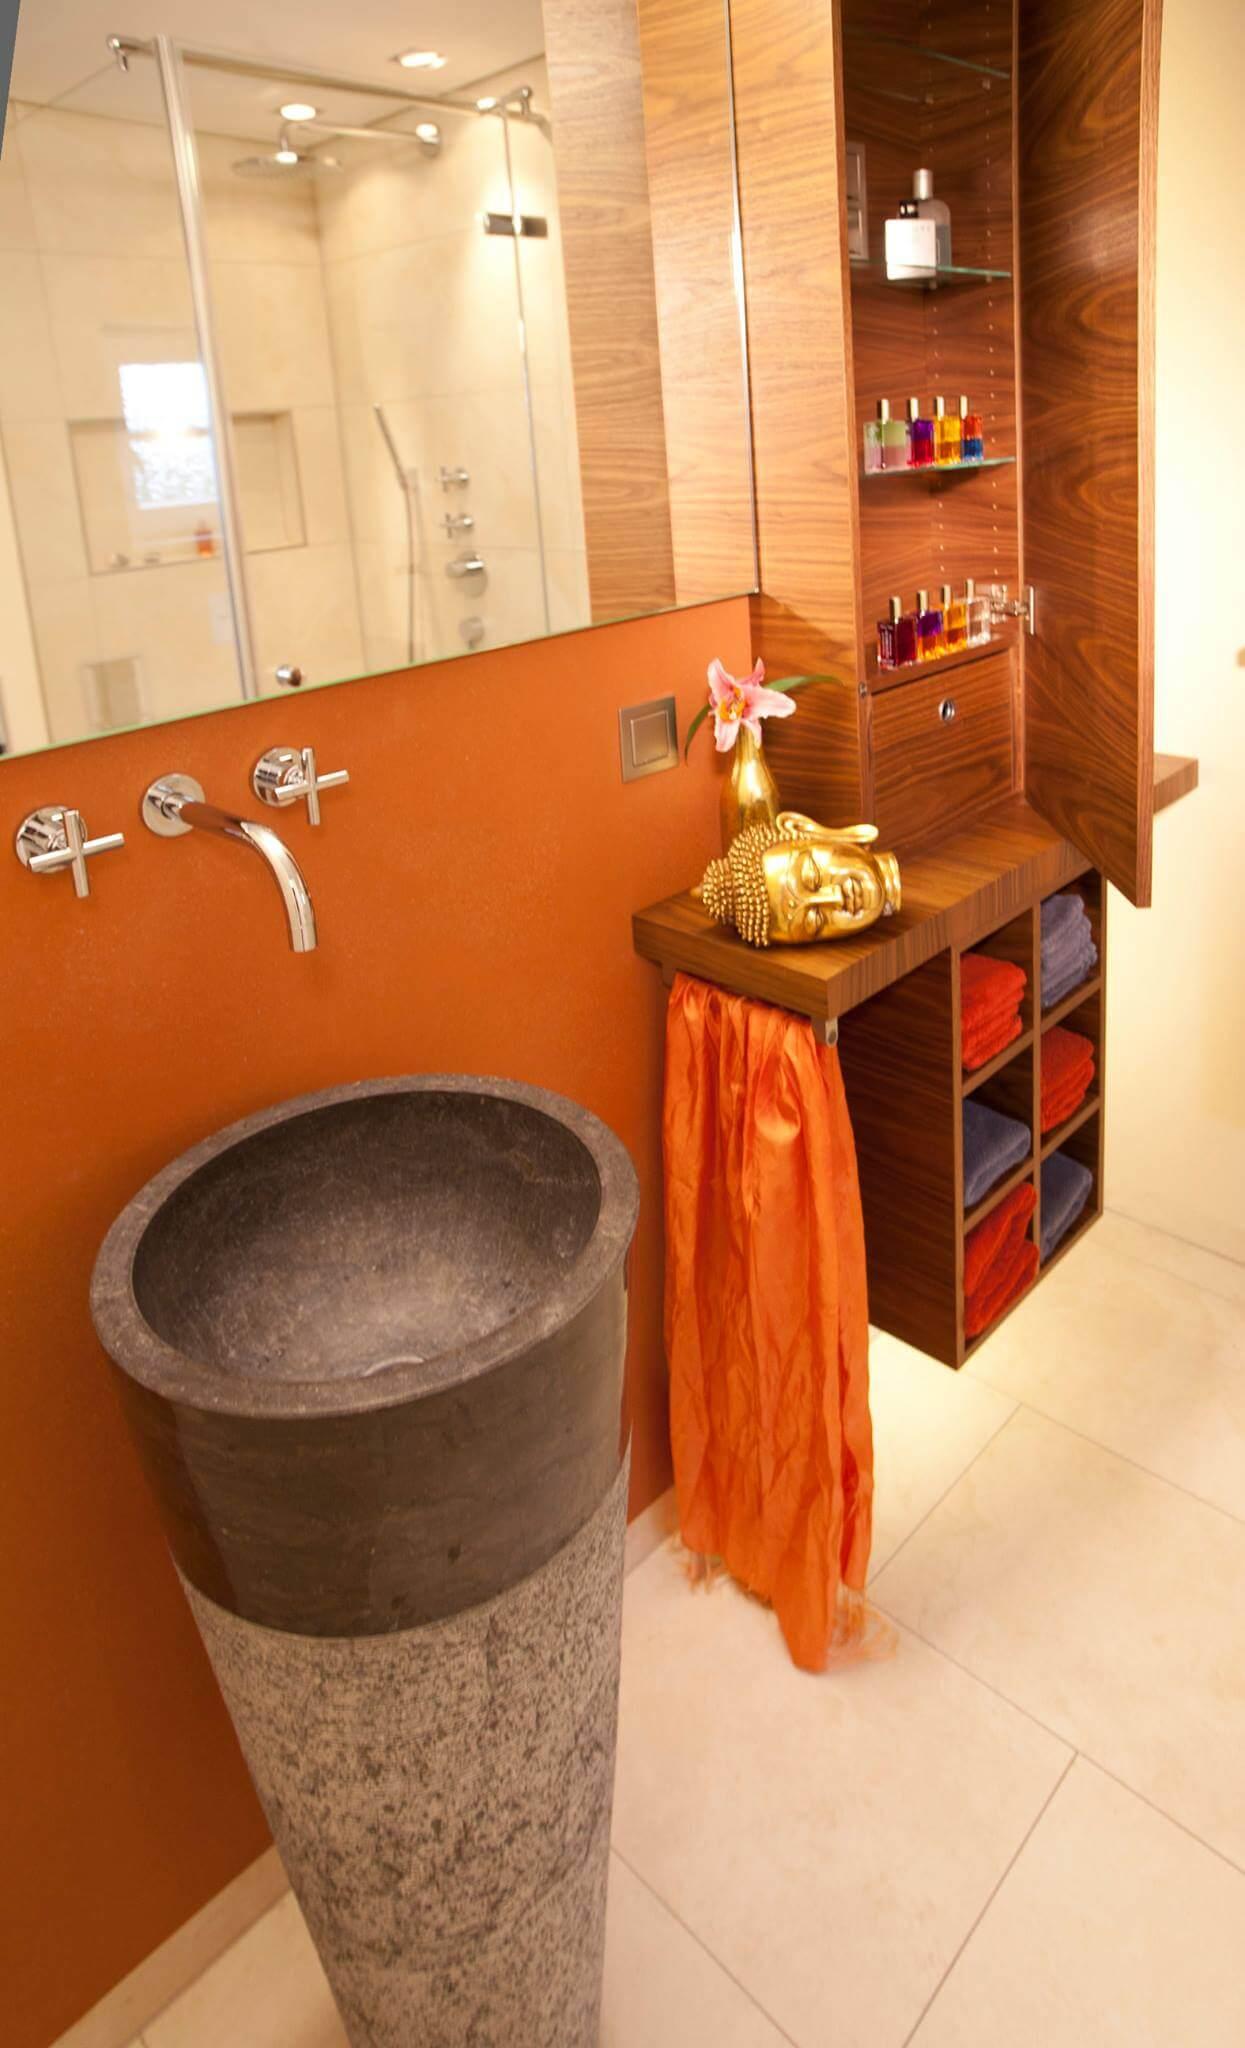 Der Maßgefertigte Waschtisch Aus Granit Bildet Den Optischen Blickfang Im  Zurückhaltend Gestalteten Bad. Da Sich